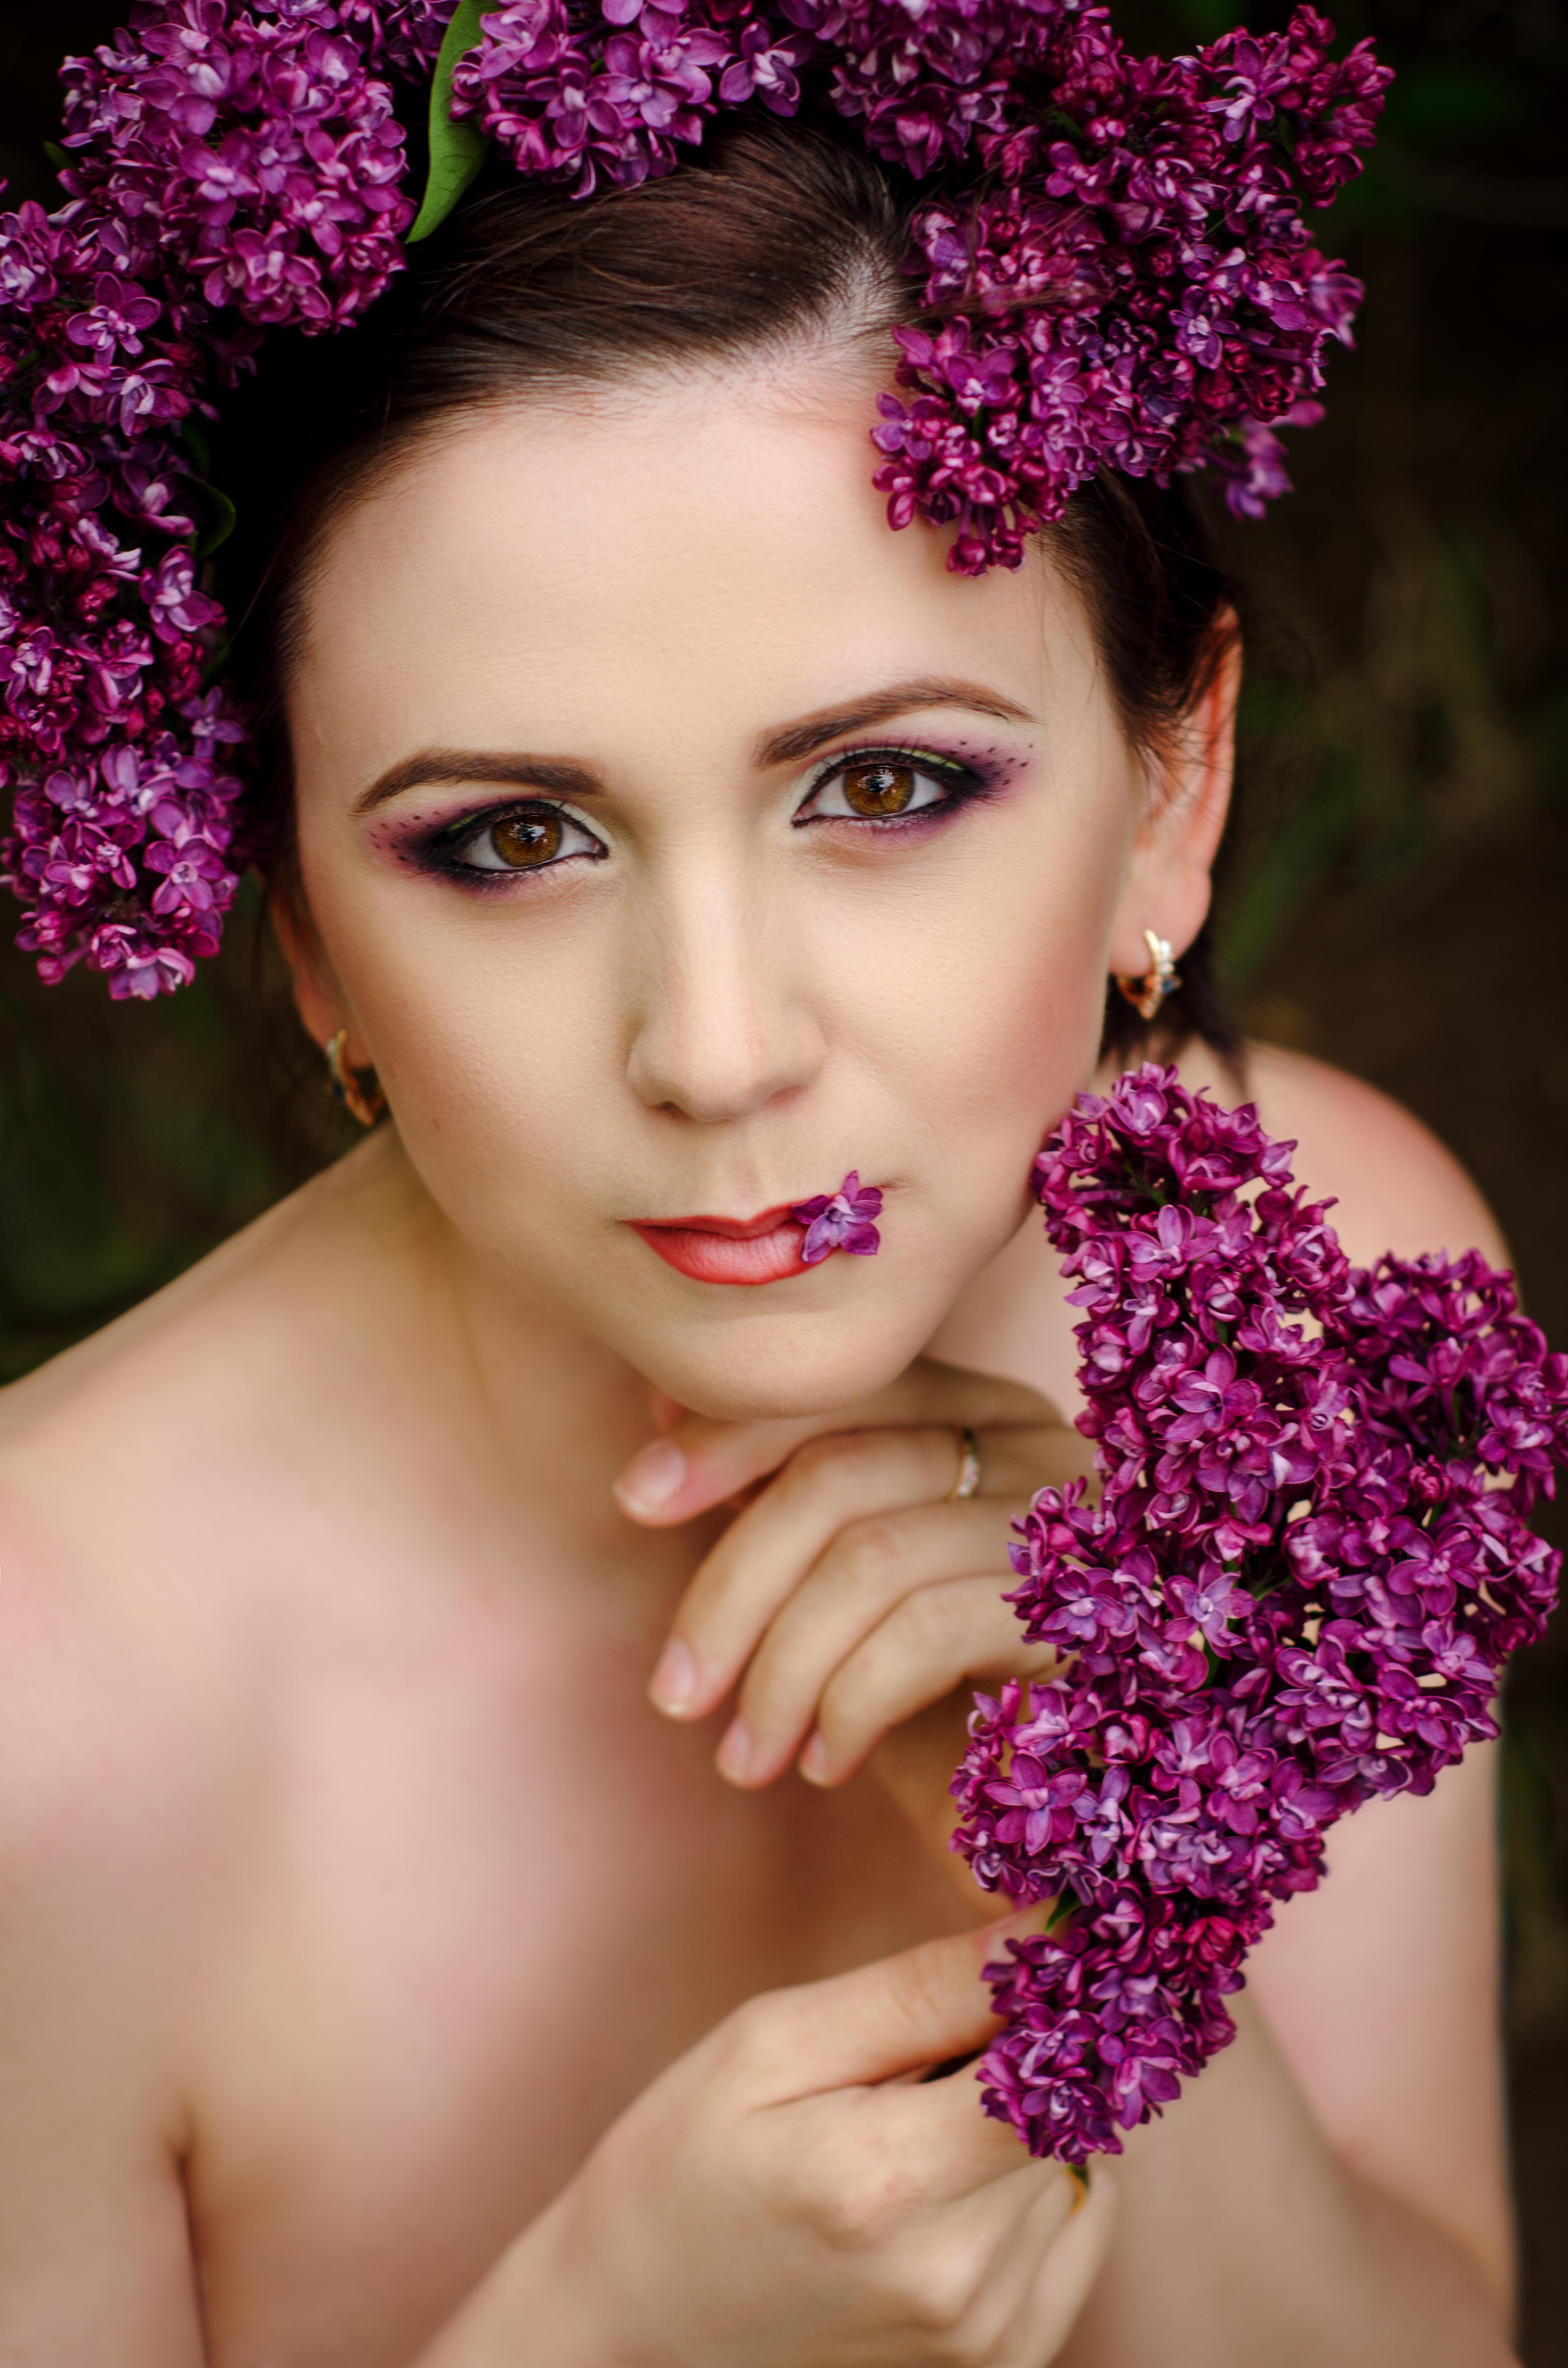 новосибирске стильные женские портреты фотографы краснодар нашем